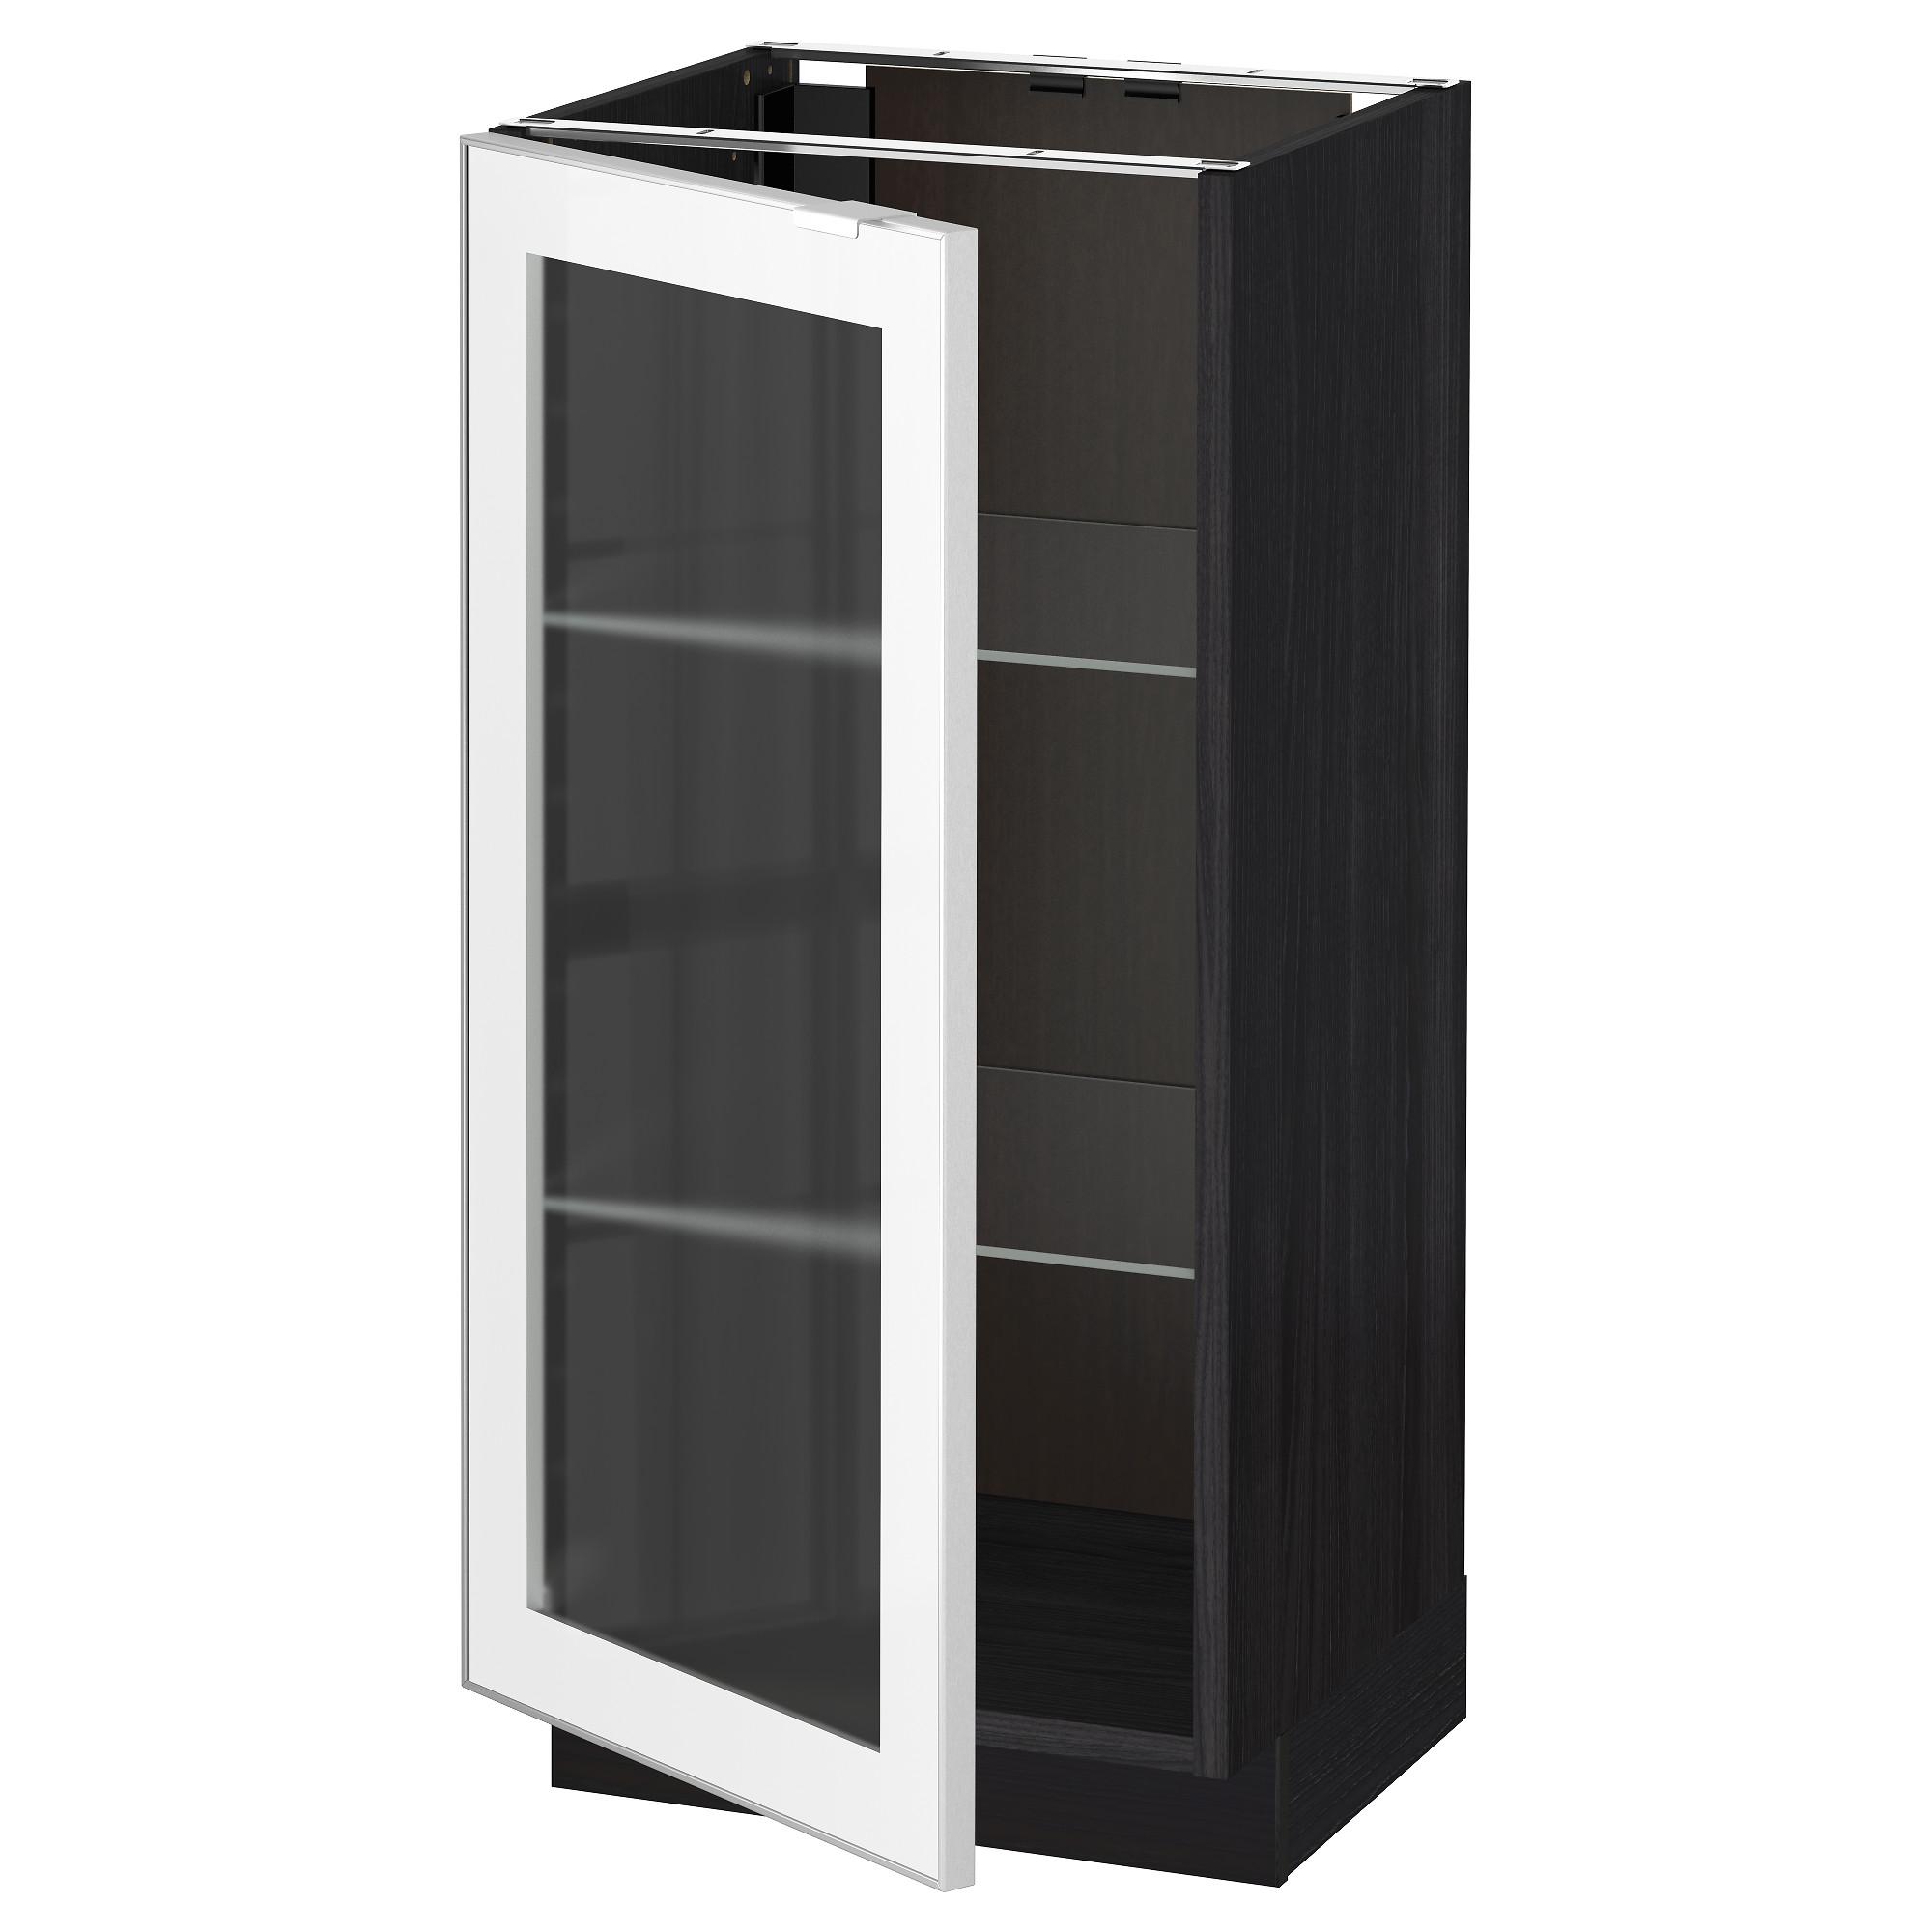 Напольный шкаф со стеклянной дверцей МЕТОД черный артикуль № 992.384.04 в наличии. Online магазин IKEA Минск. Недорогая доставка и установка.